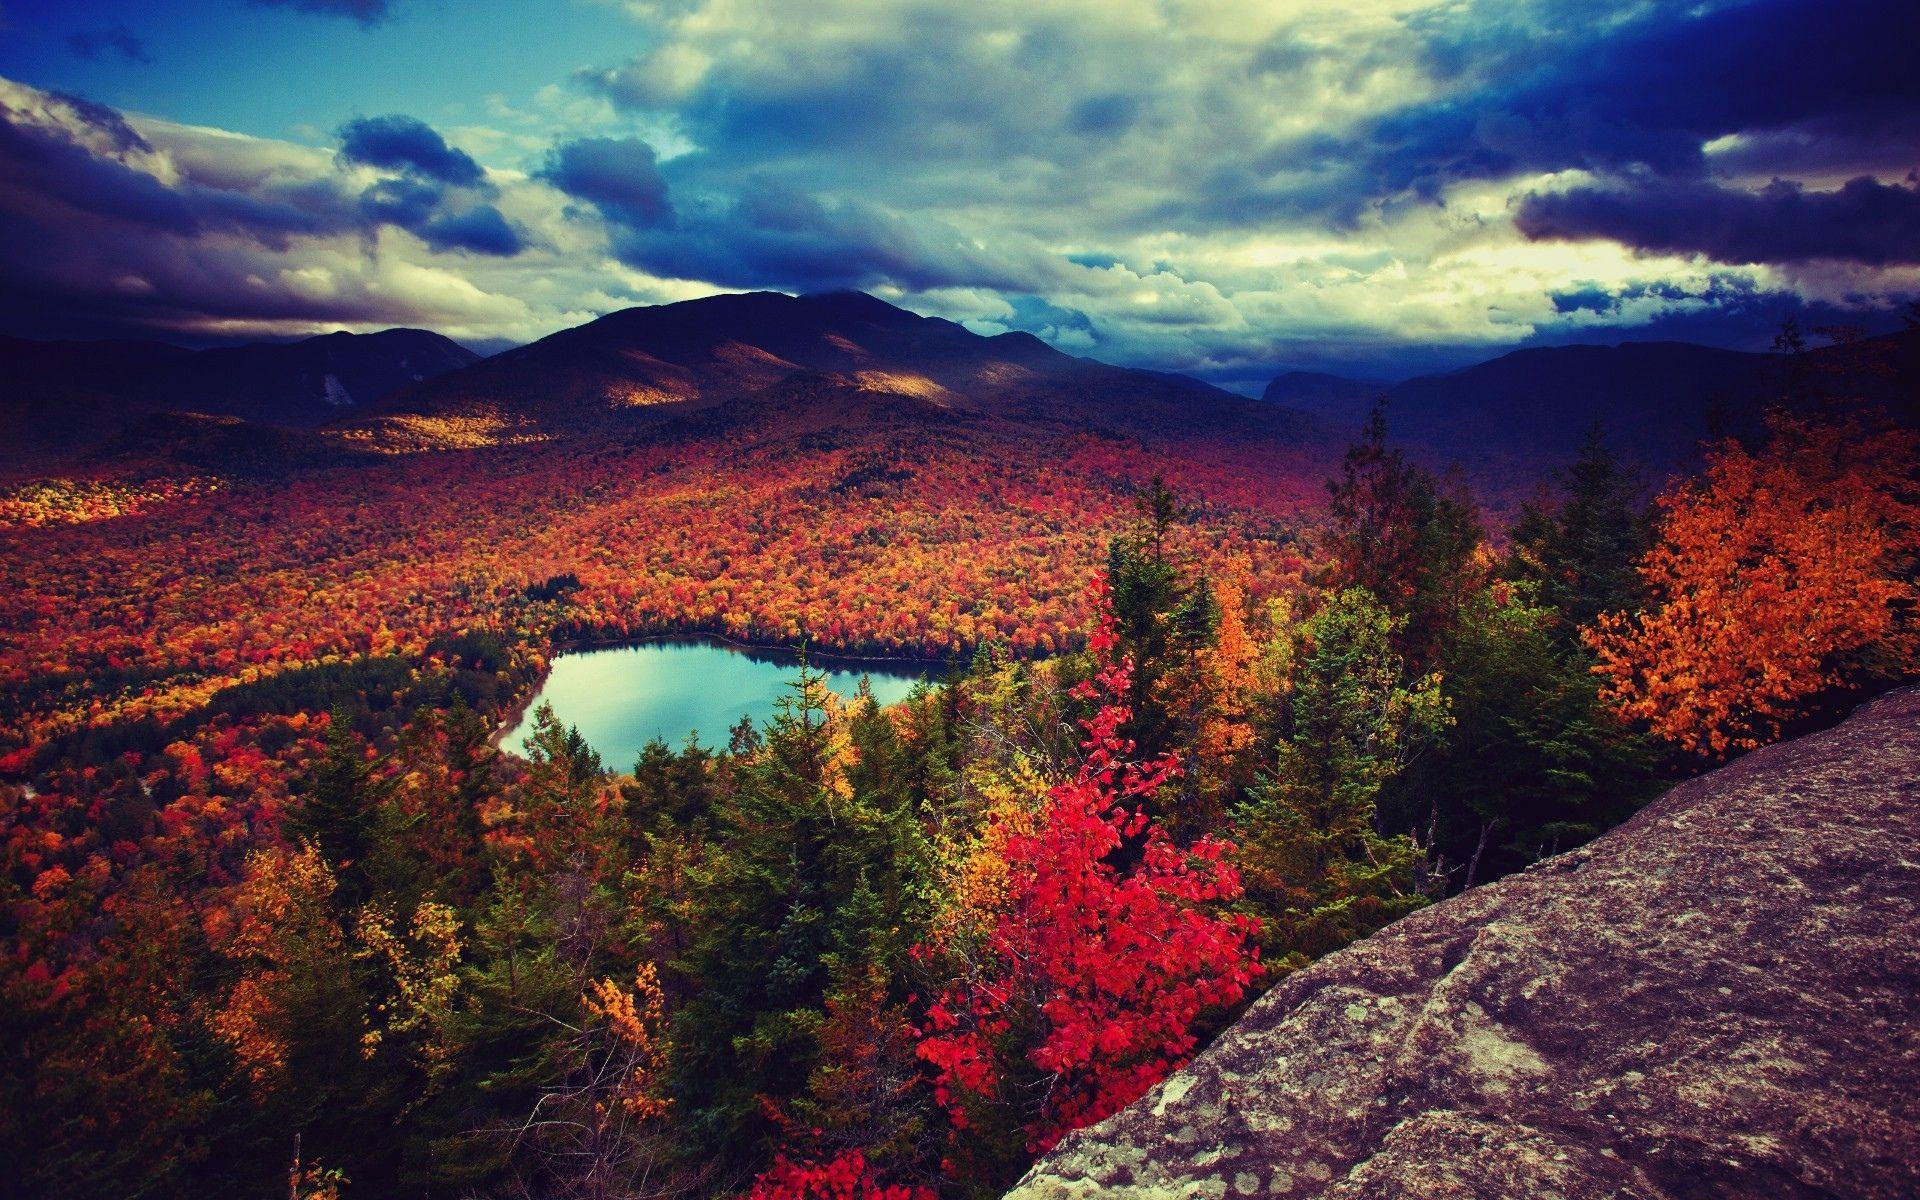 foto de Terre/Nature Automne Paysage Montagne Scénique Season Lac